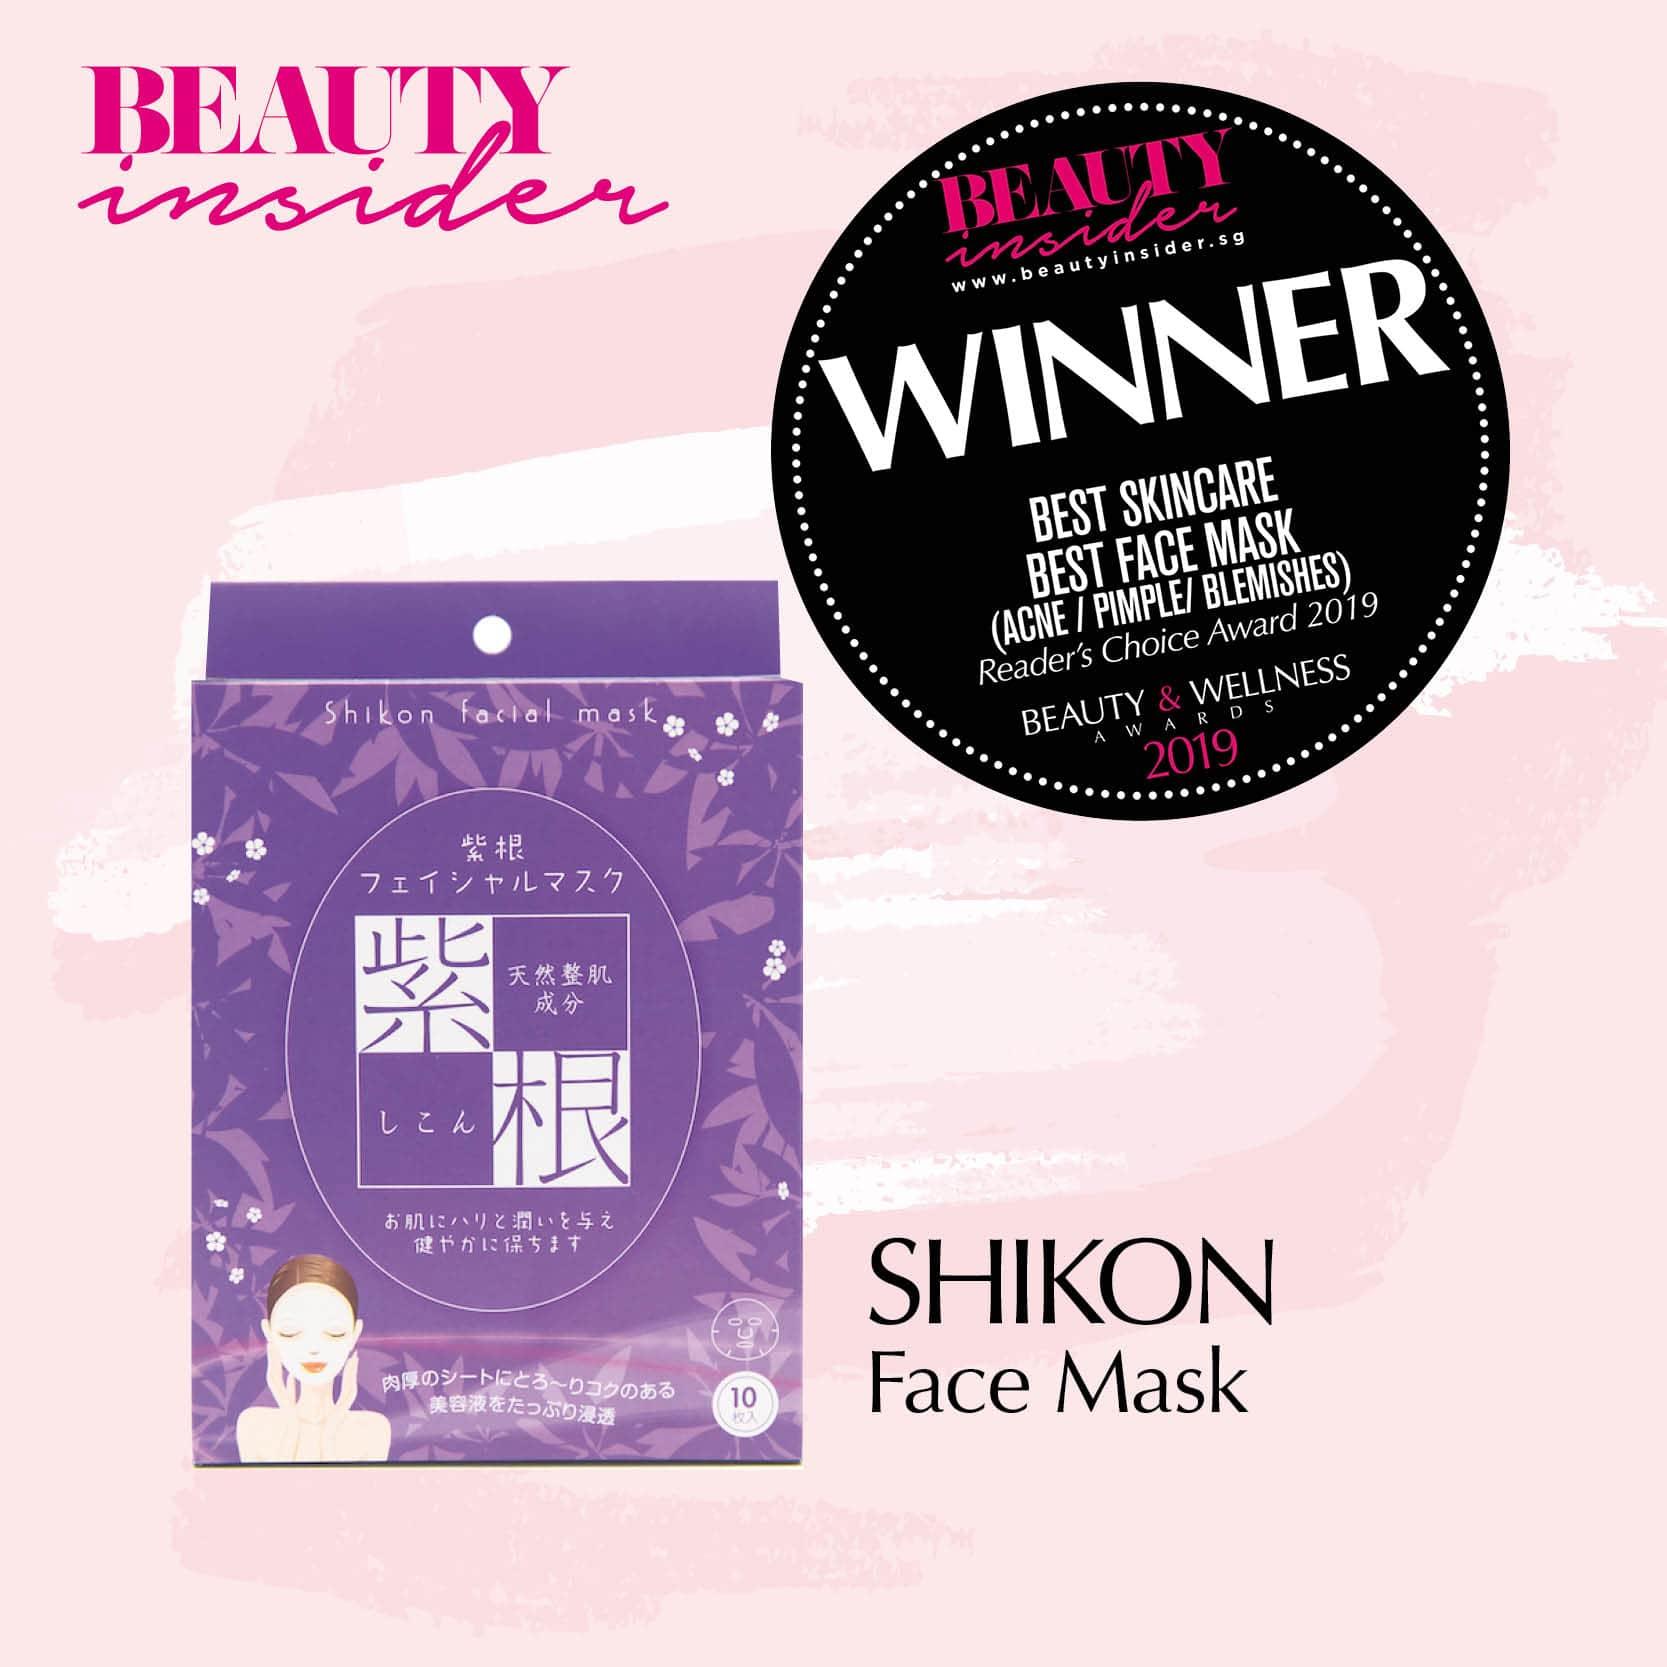 Shikon Face Mask - Award